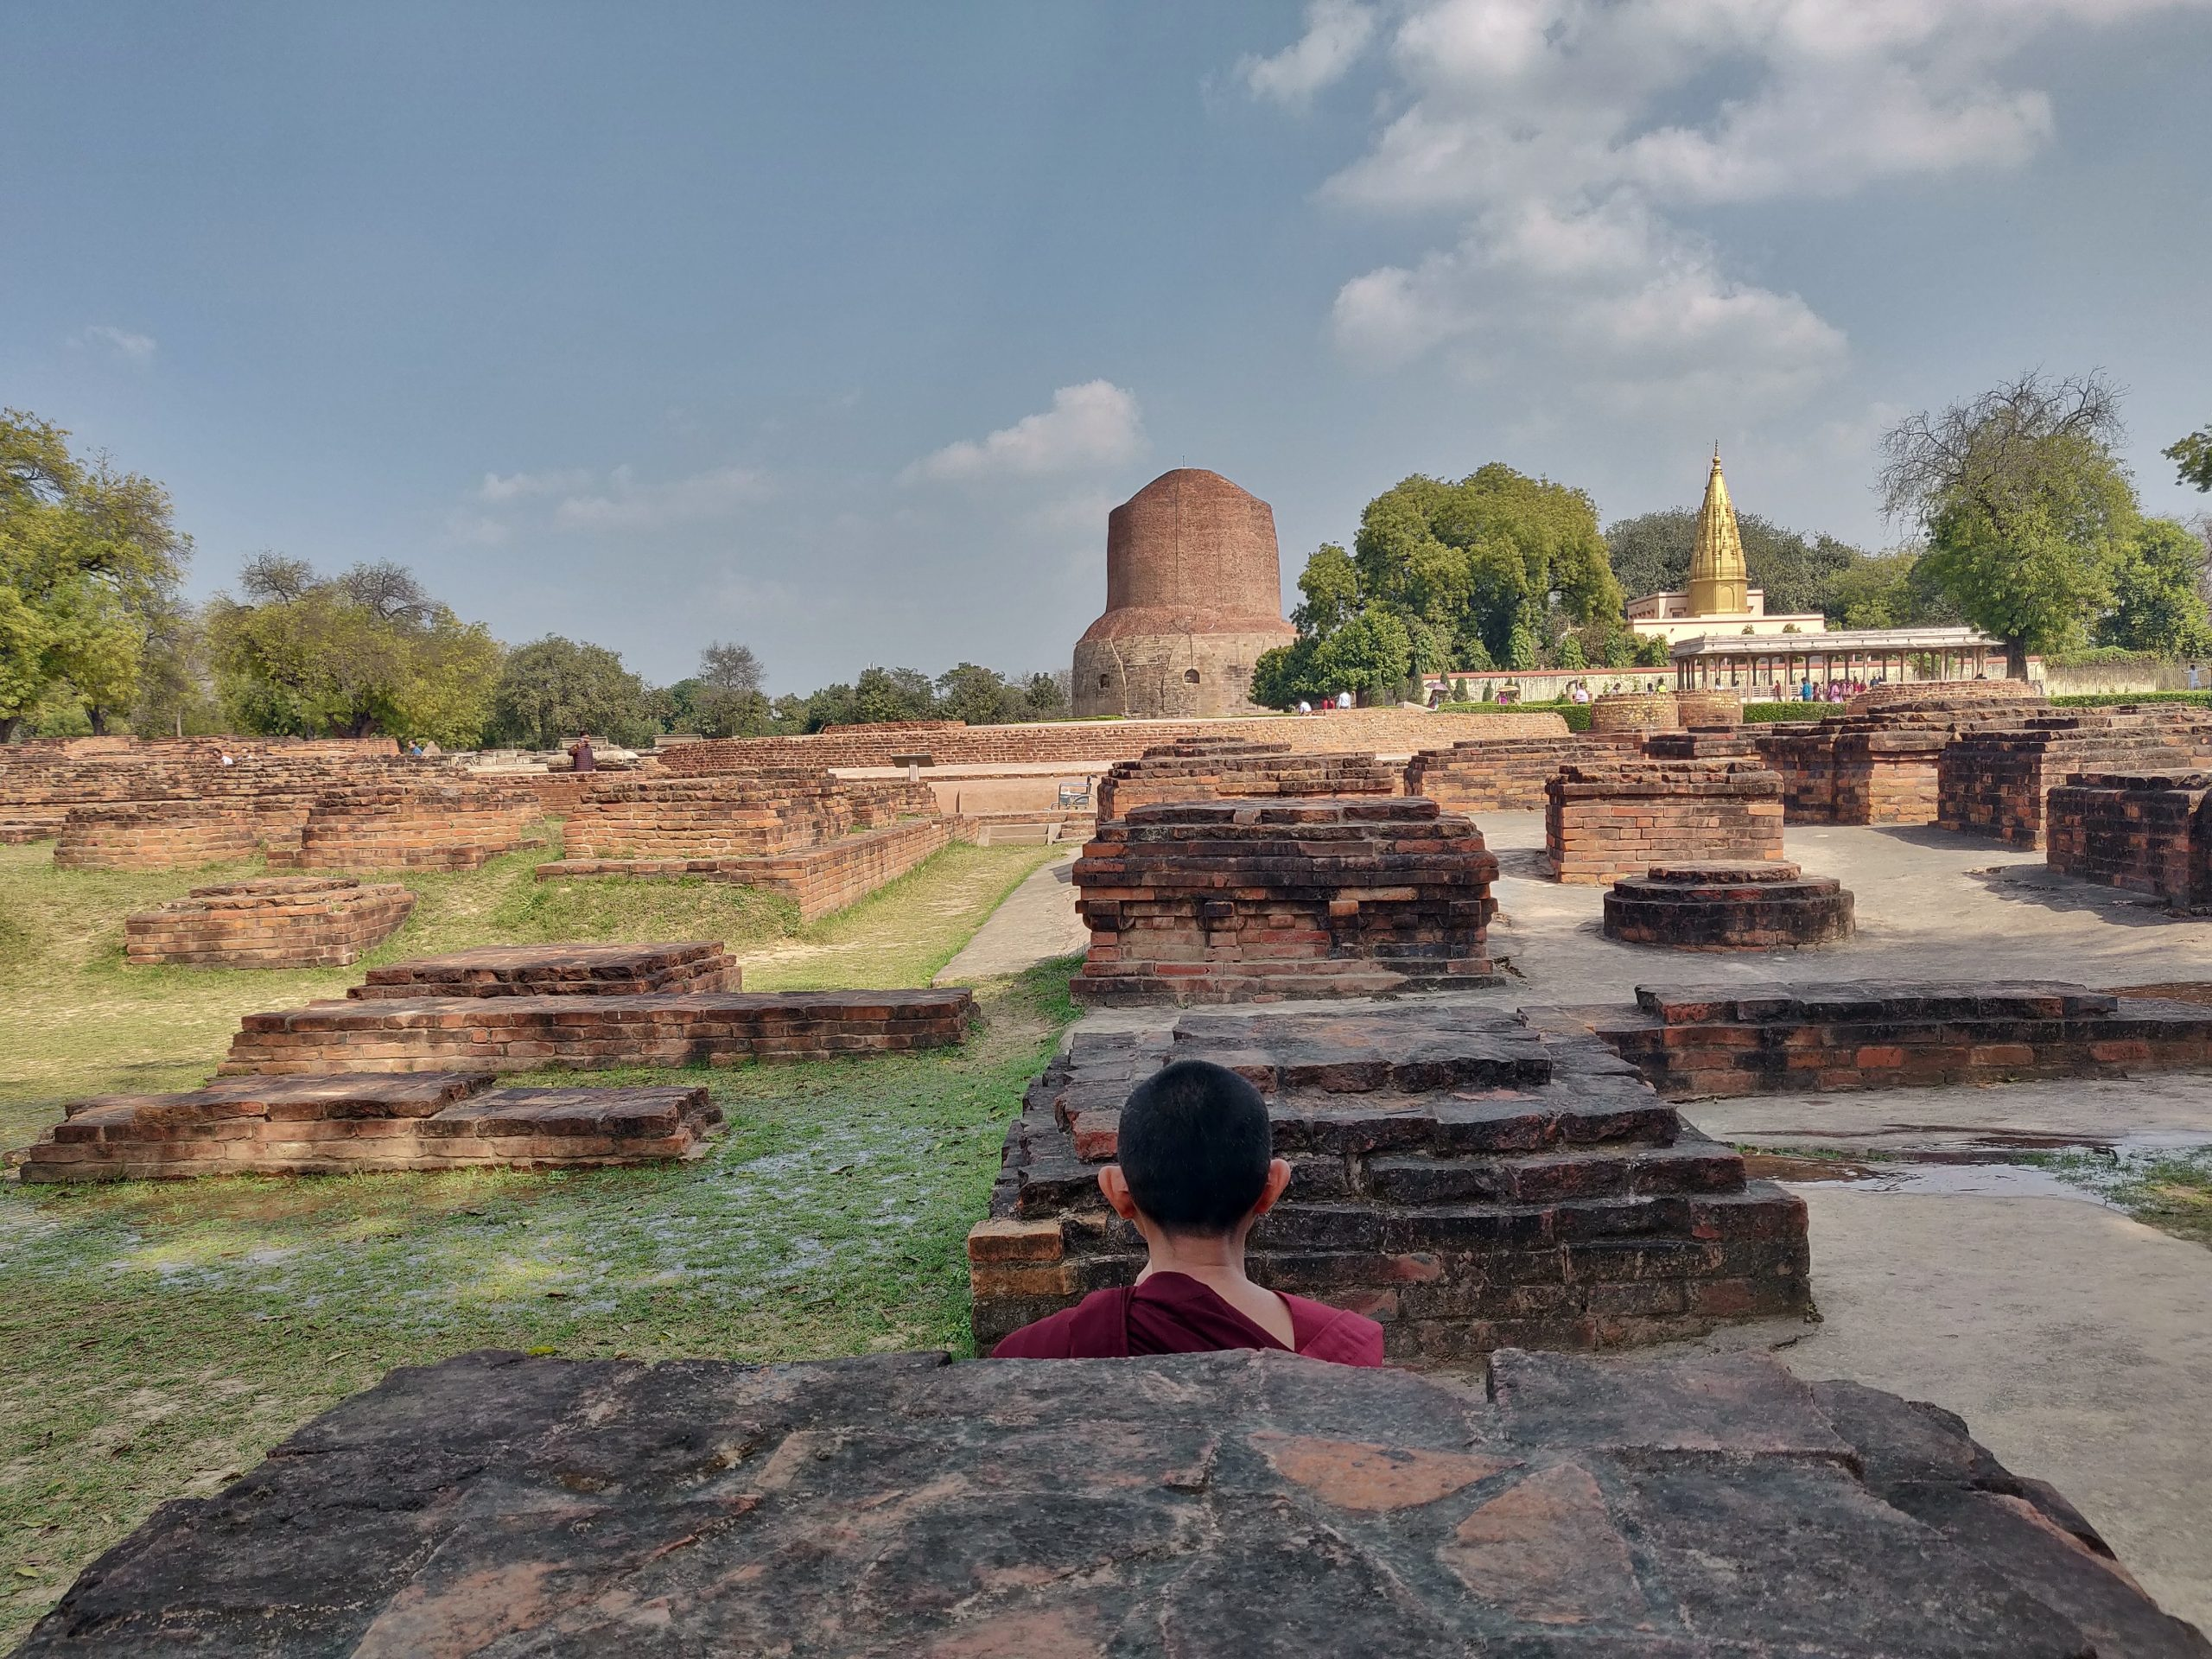 Monk praying in Front of Dhamek Stupa, Sarnath.